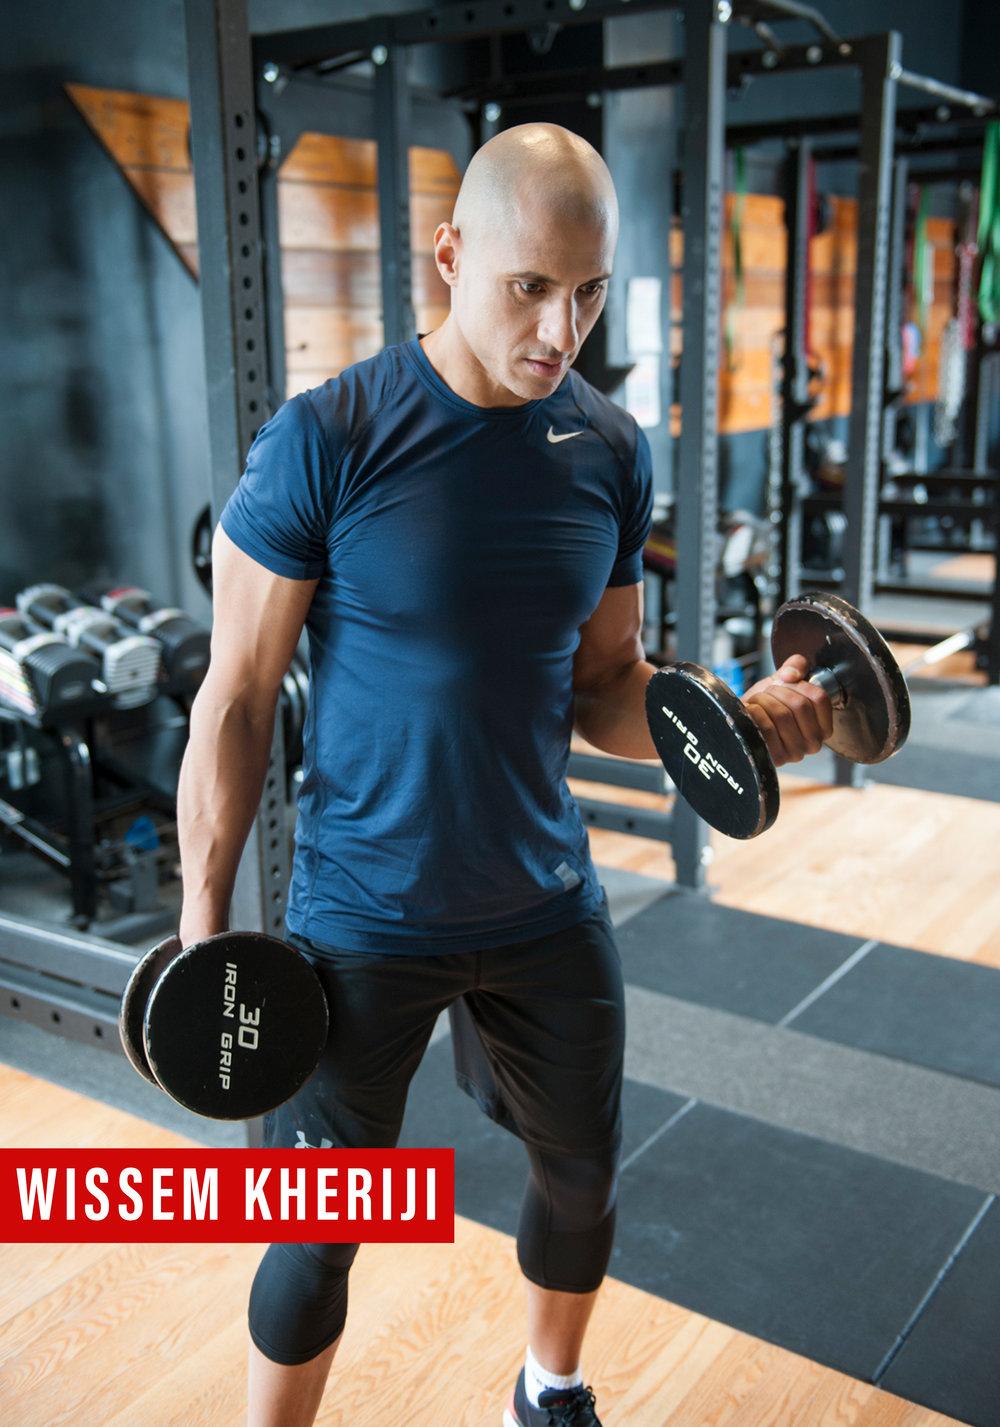 wissem-kheriji-personal-trainer.jpg